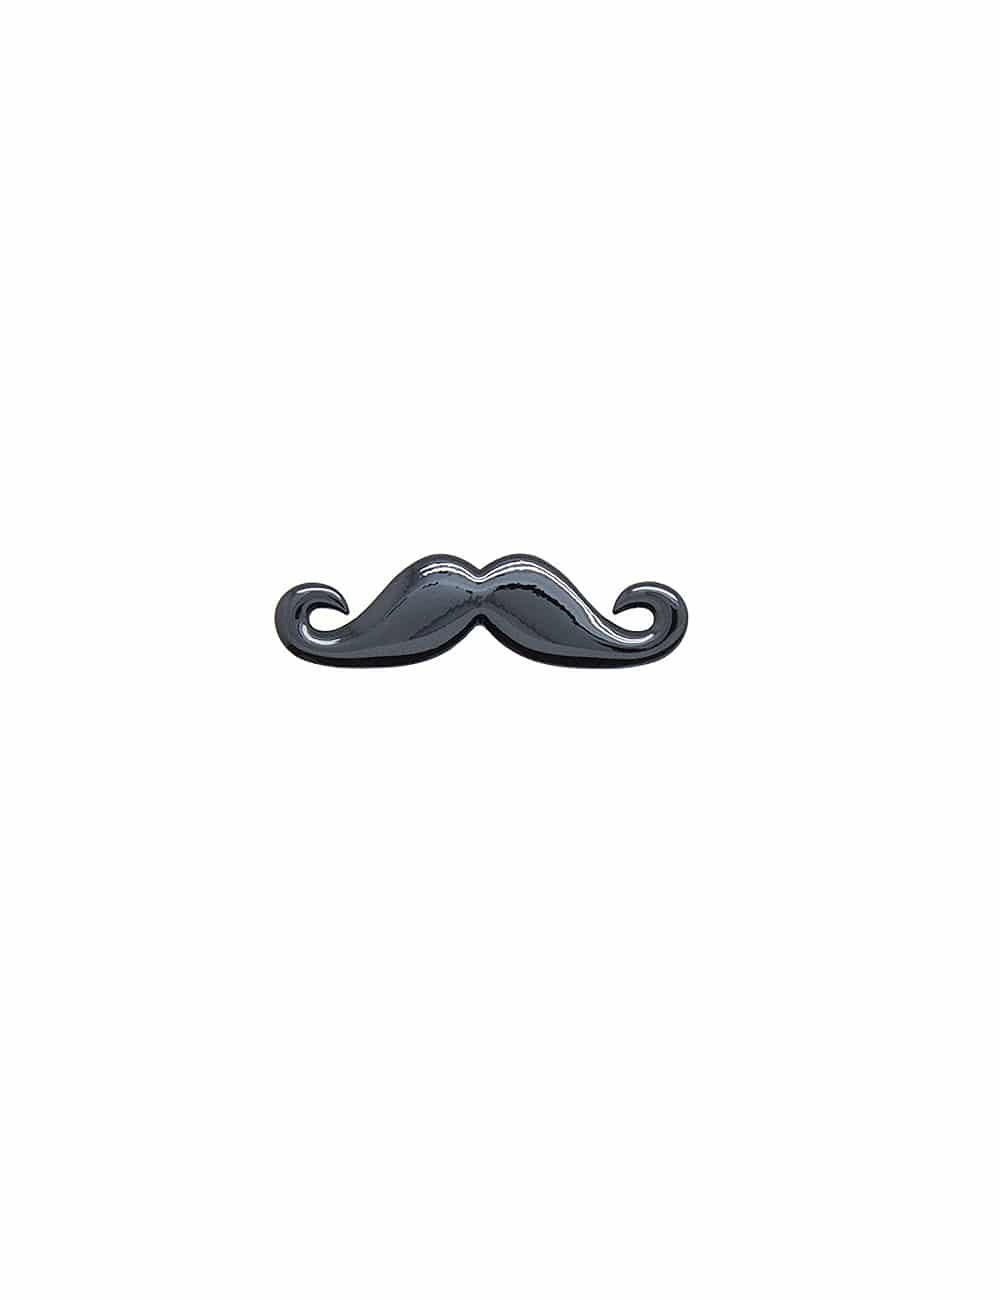 Jet Black Moustache Tie Clip TC3601-005c